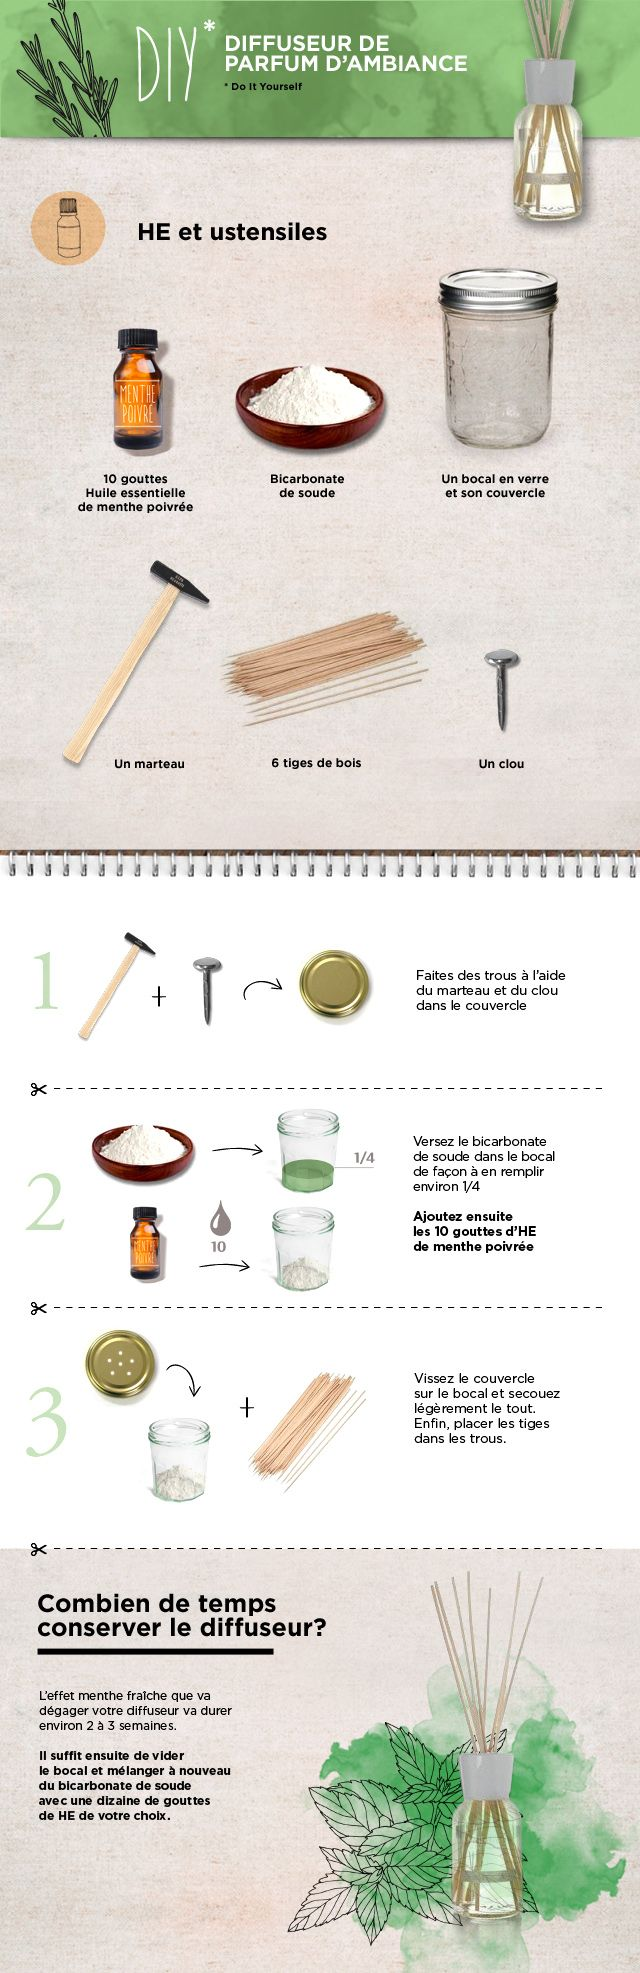 Découvrez notre #DIY simple et rapide à réaliser, afin de créer une #ambiance d'intérieur fraîche et #mentholée.